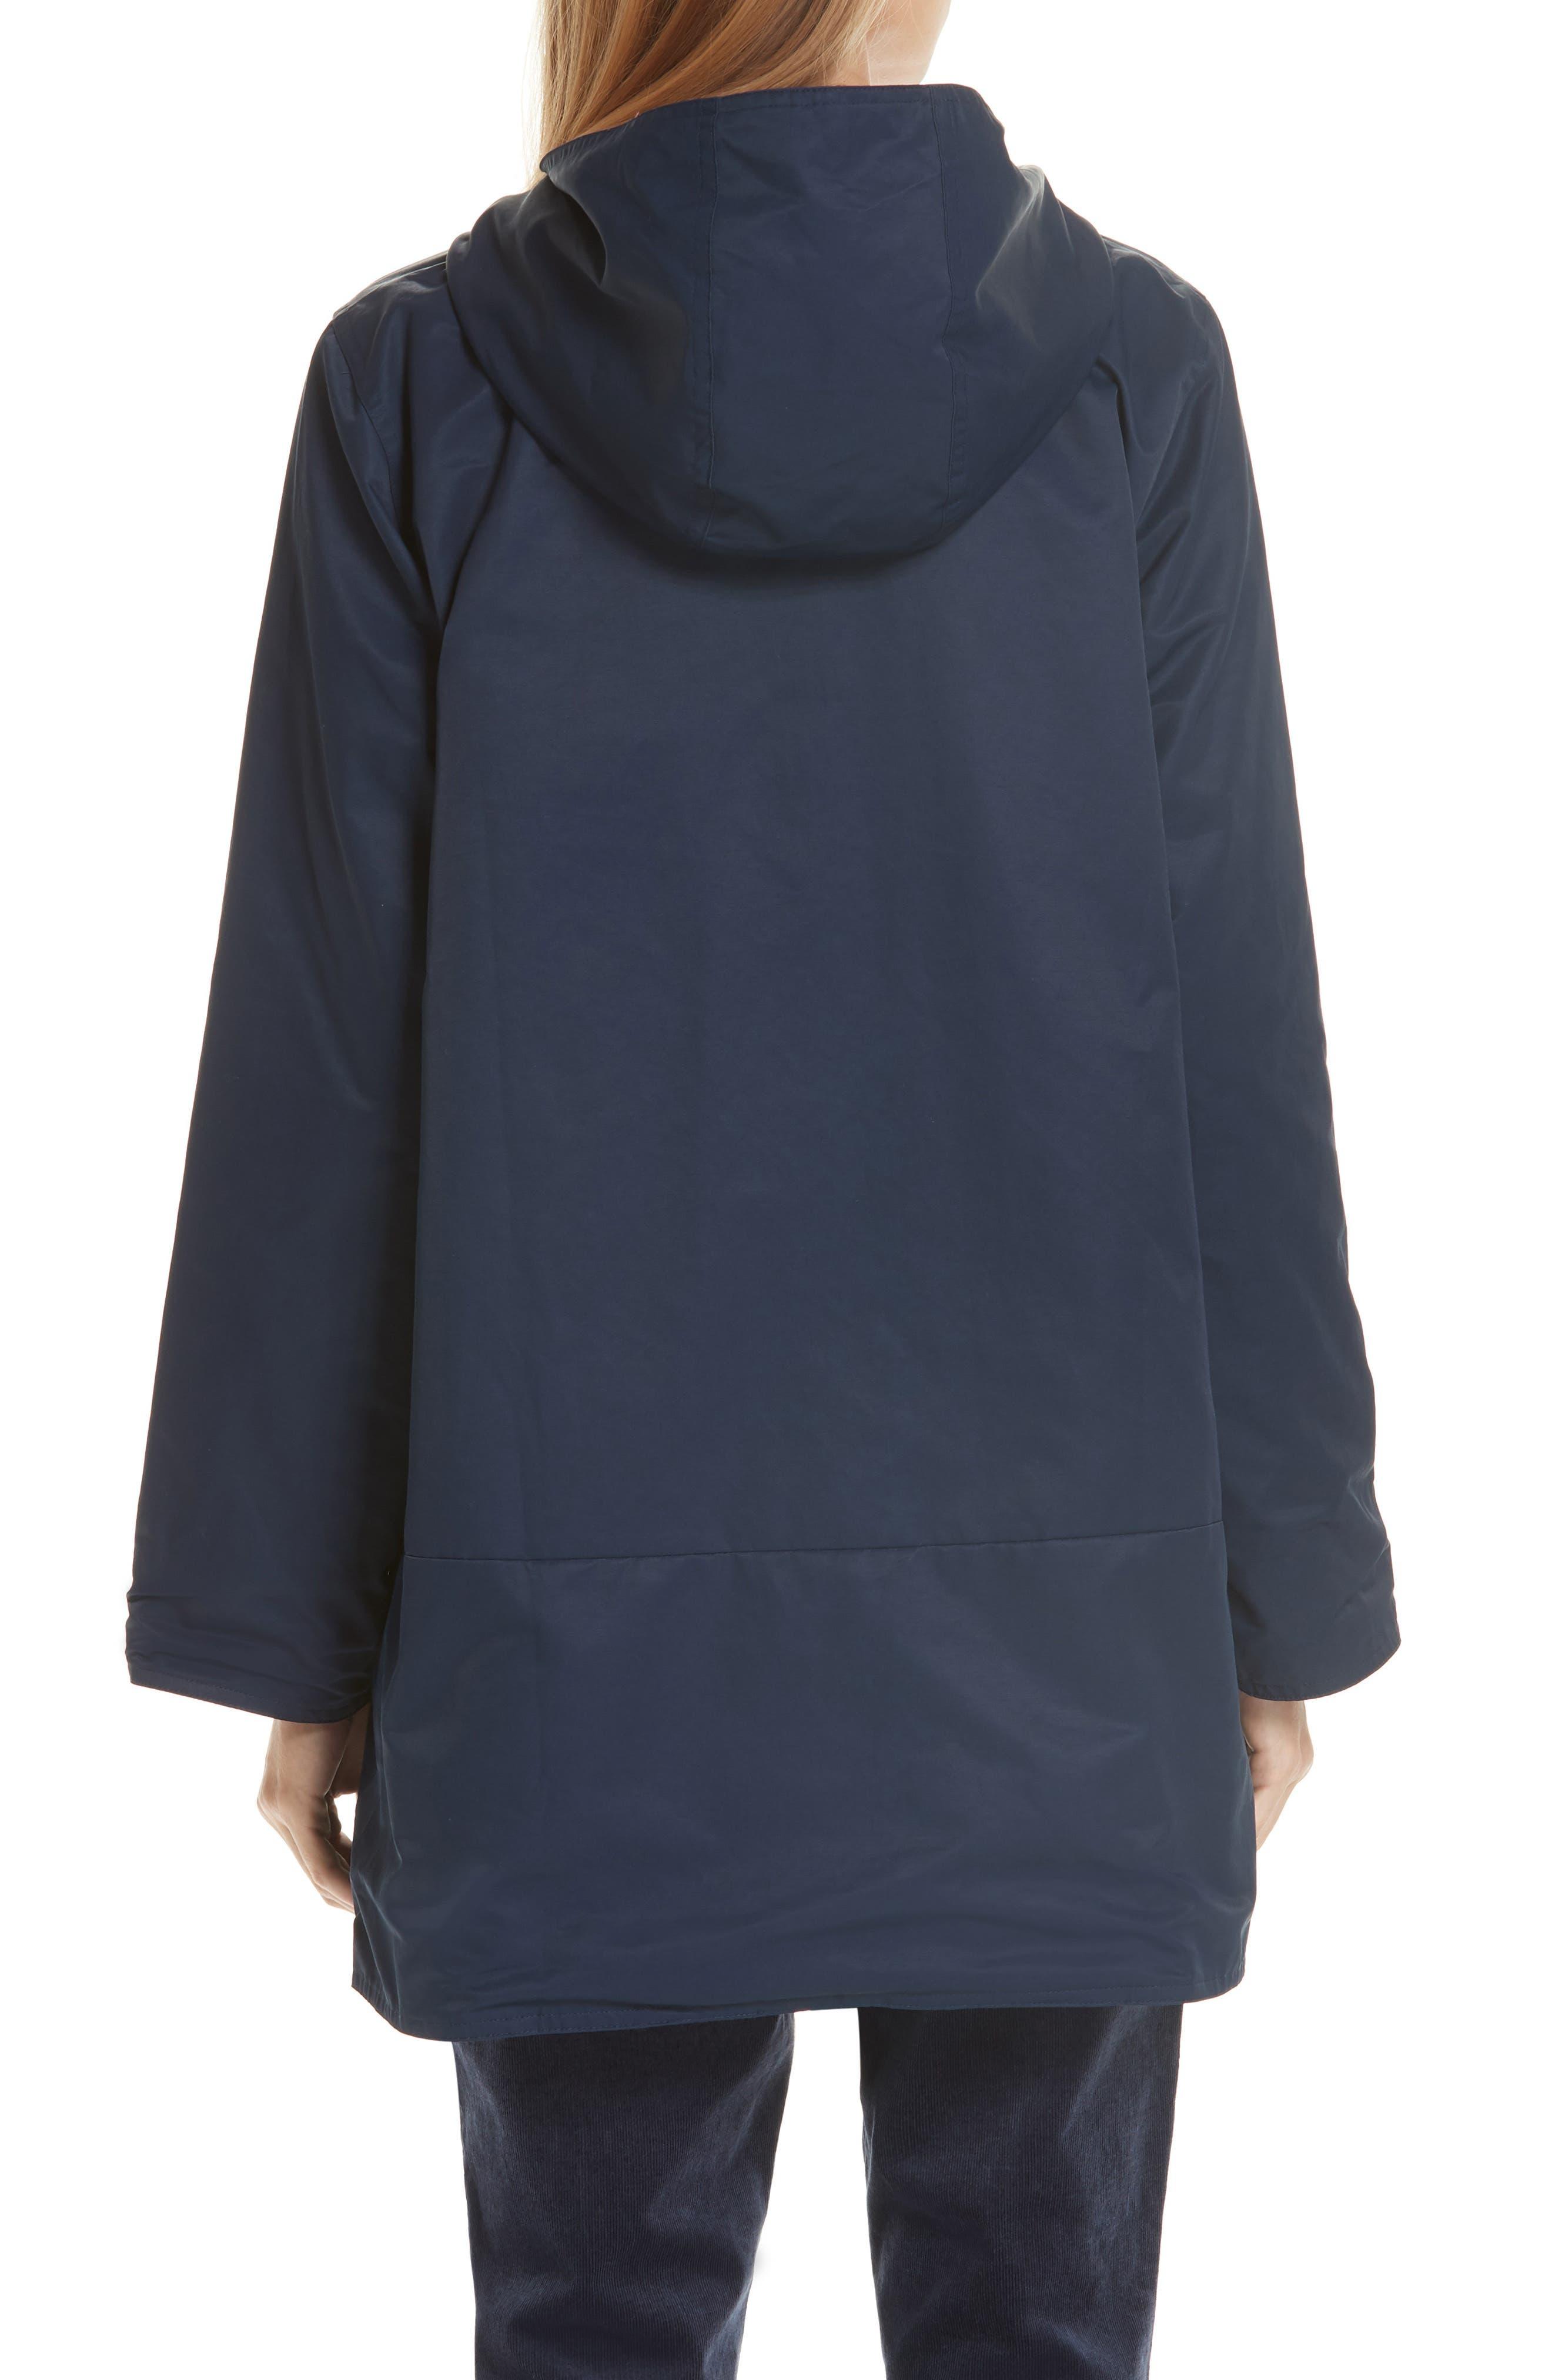 Eileen Fisher Coats Jackets Nordstrom Jaket Bomber Waterproof